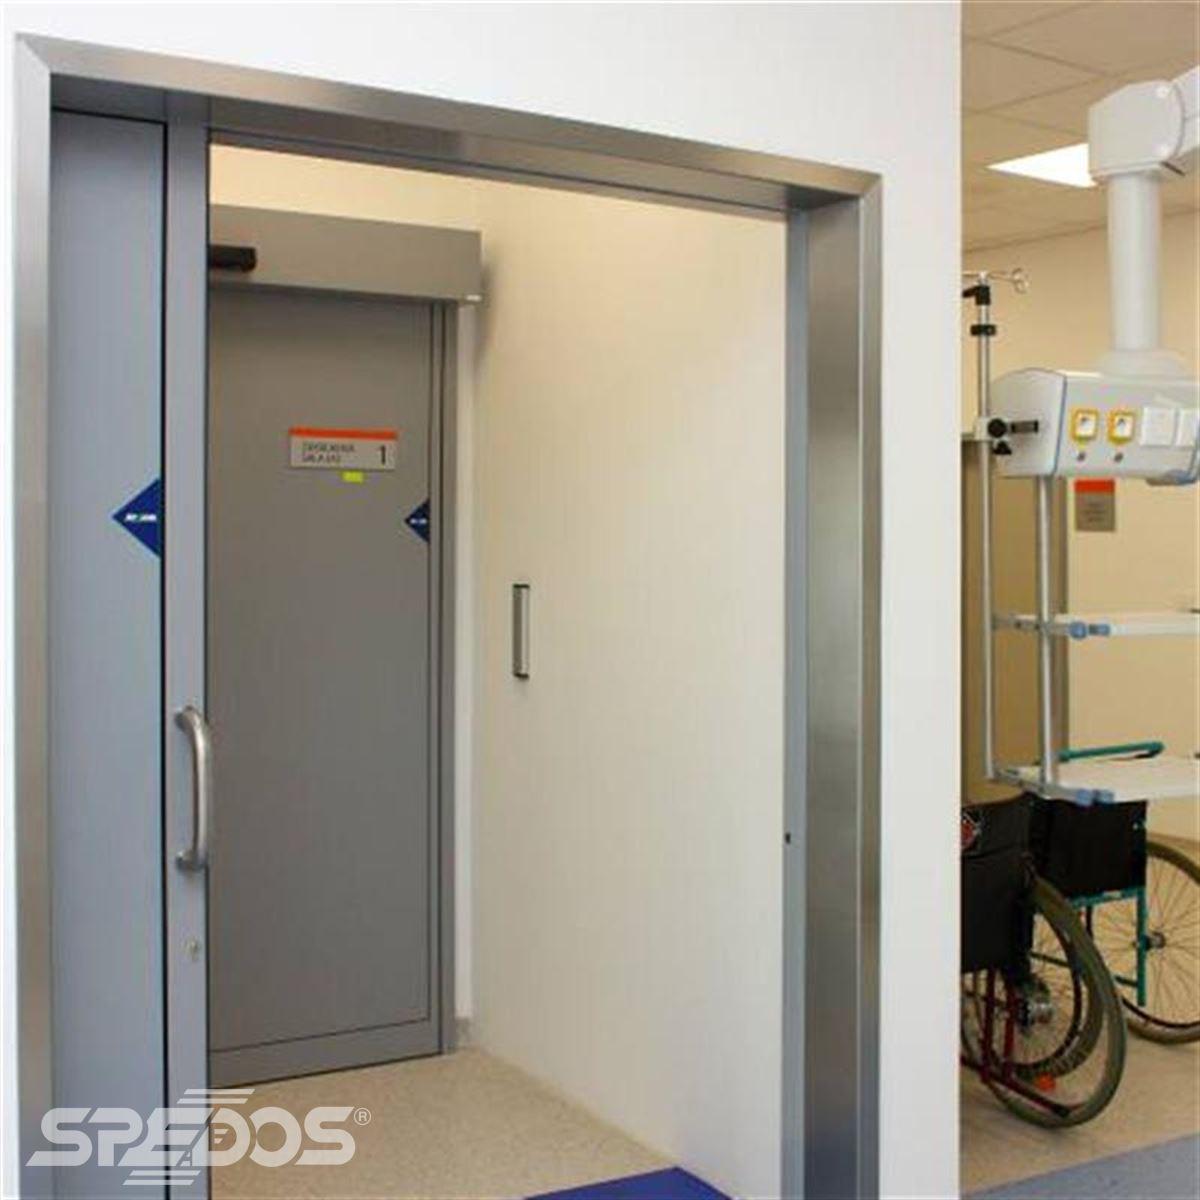 Jednokřídlé automatické posuvné dveře pro nemocnici sv. Michala 1